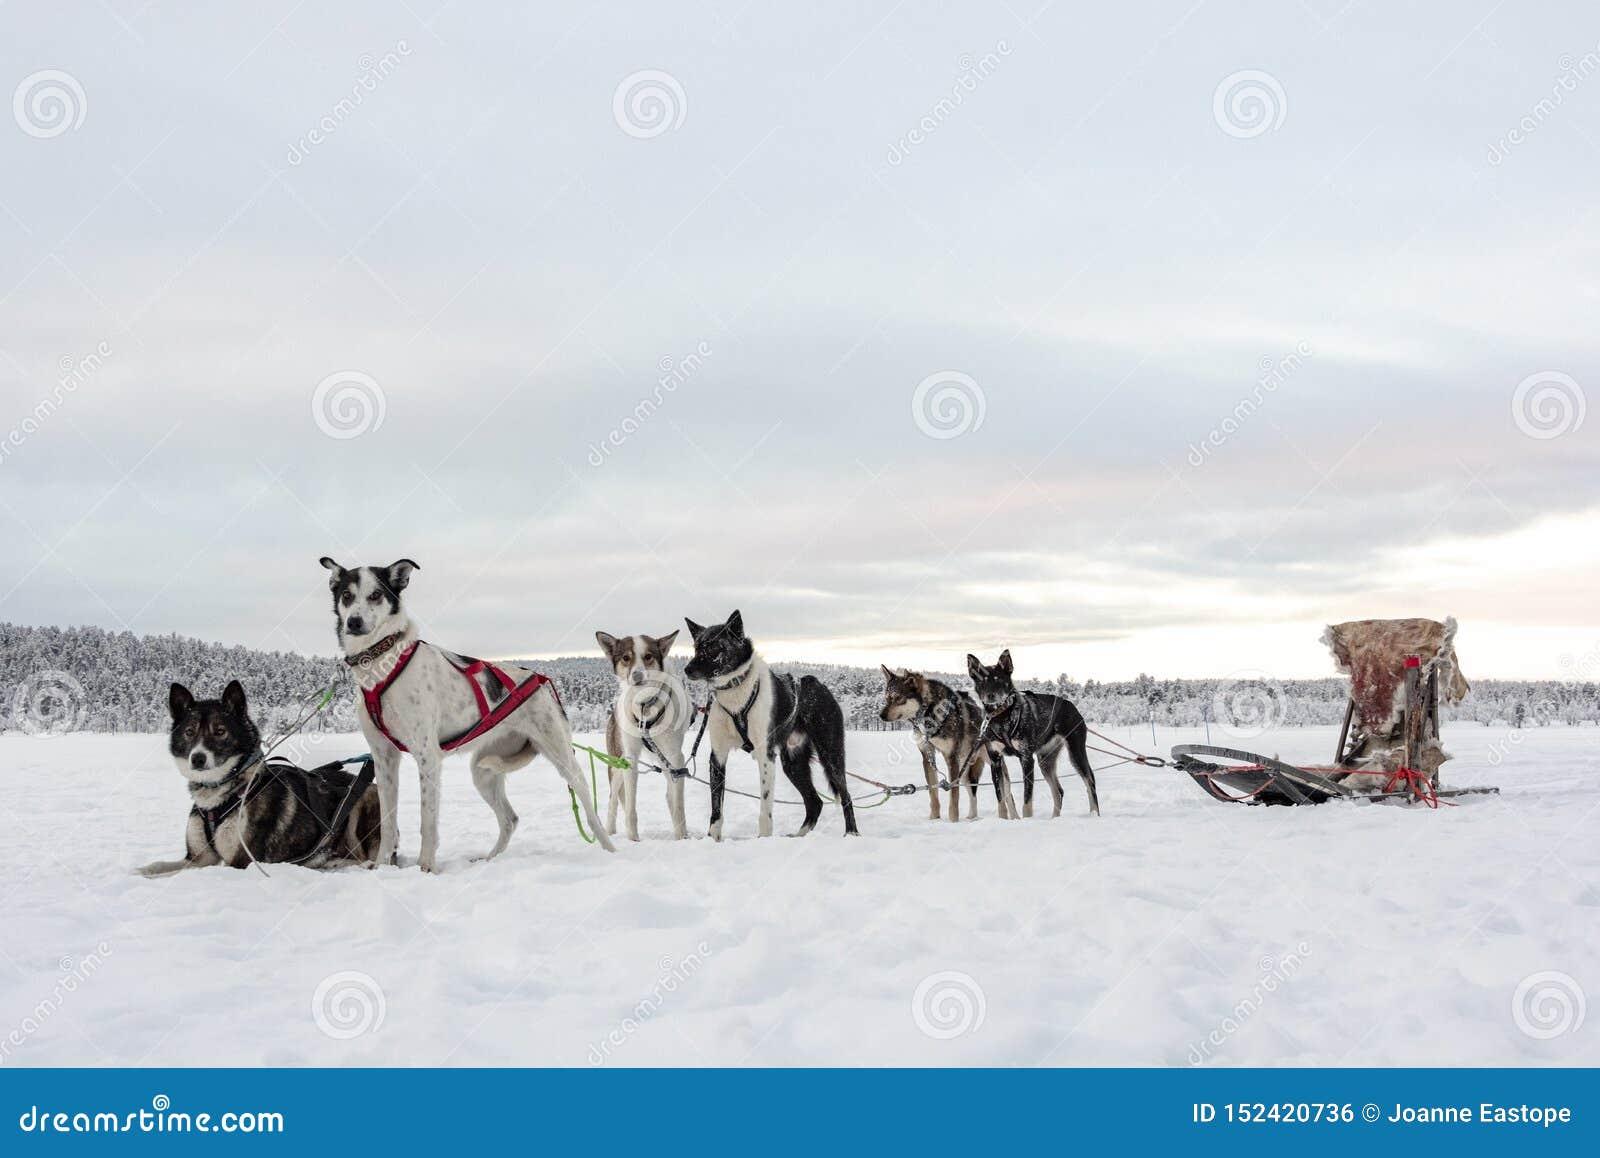 Eam de seis cães de puxar trenós que esperam para correr e puxar um trenó